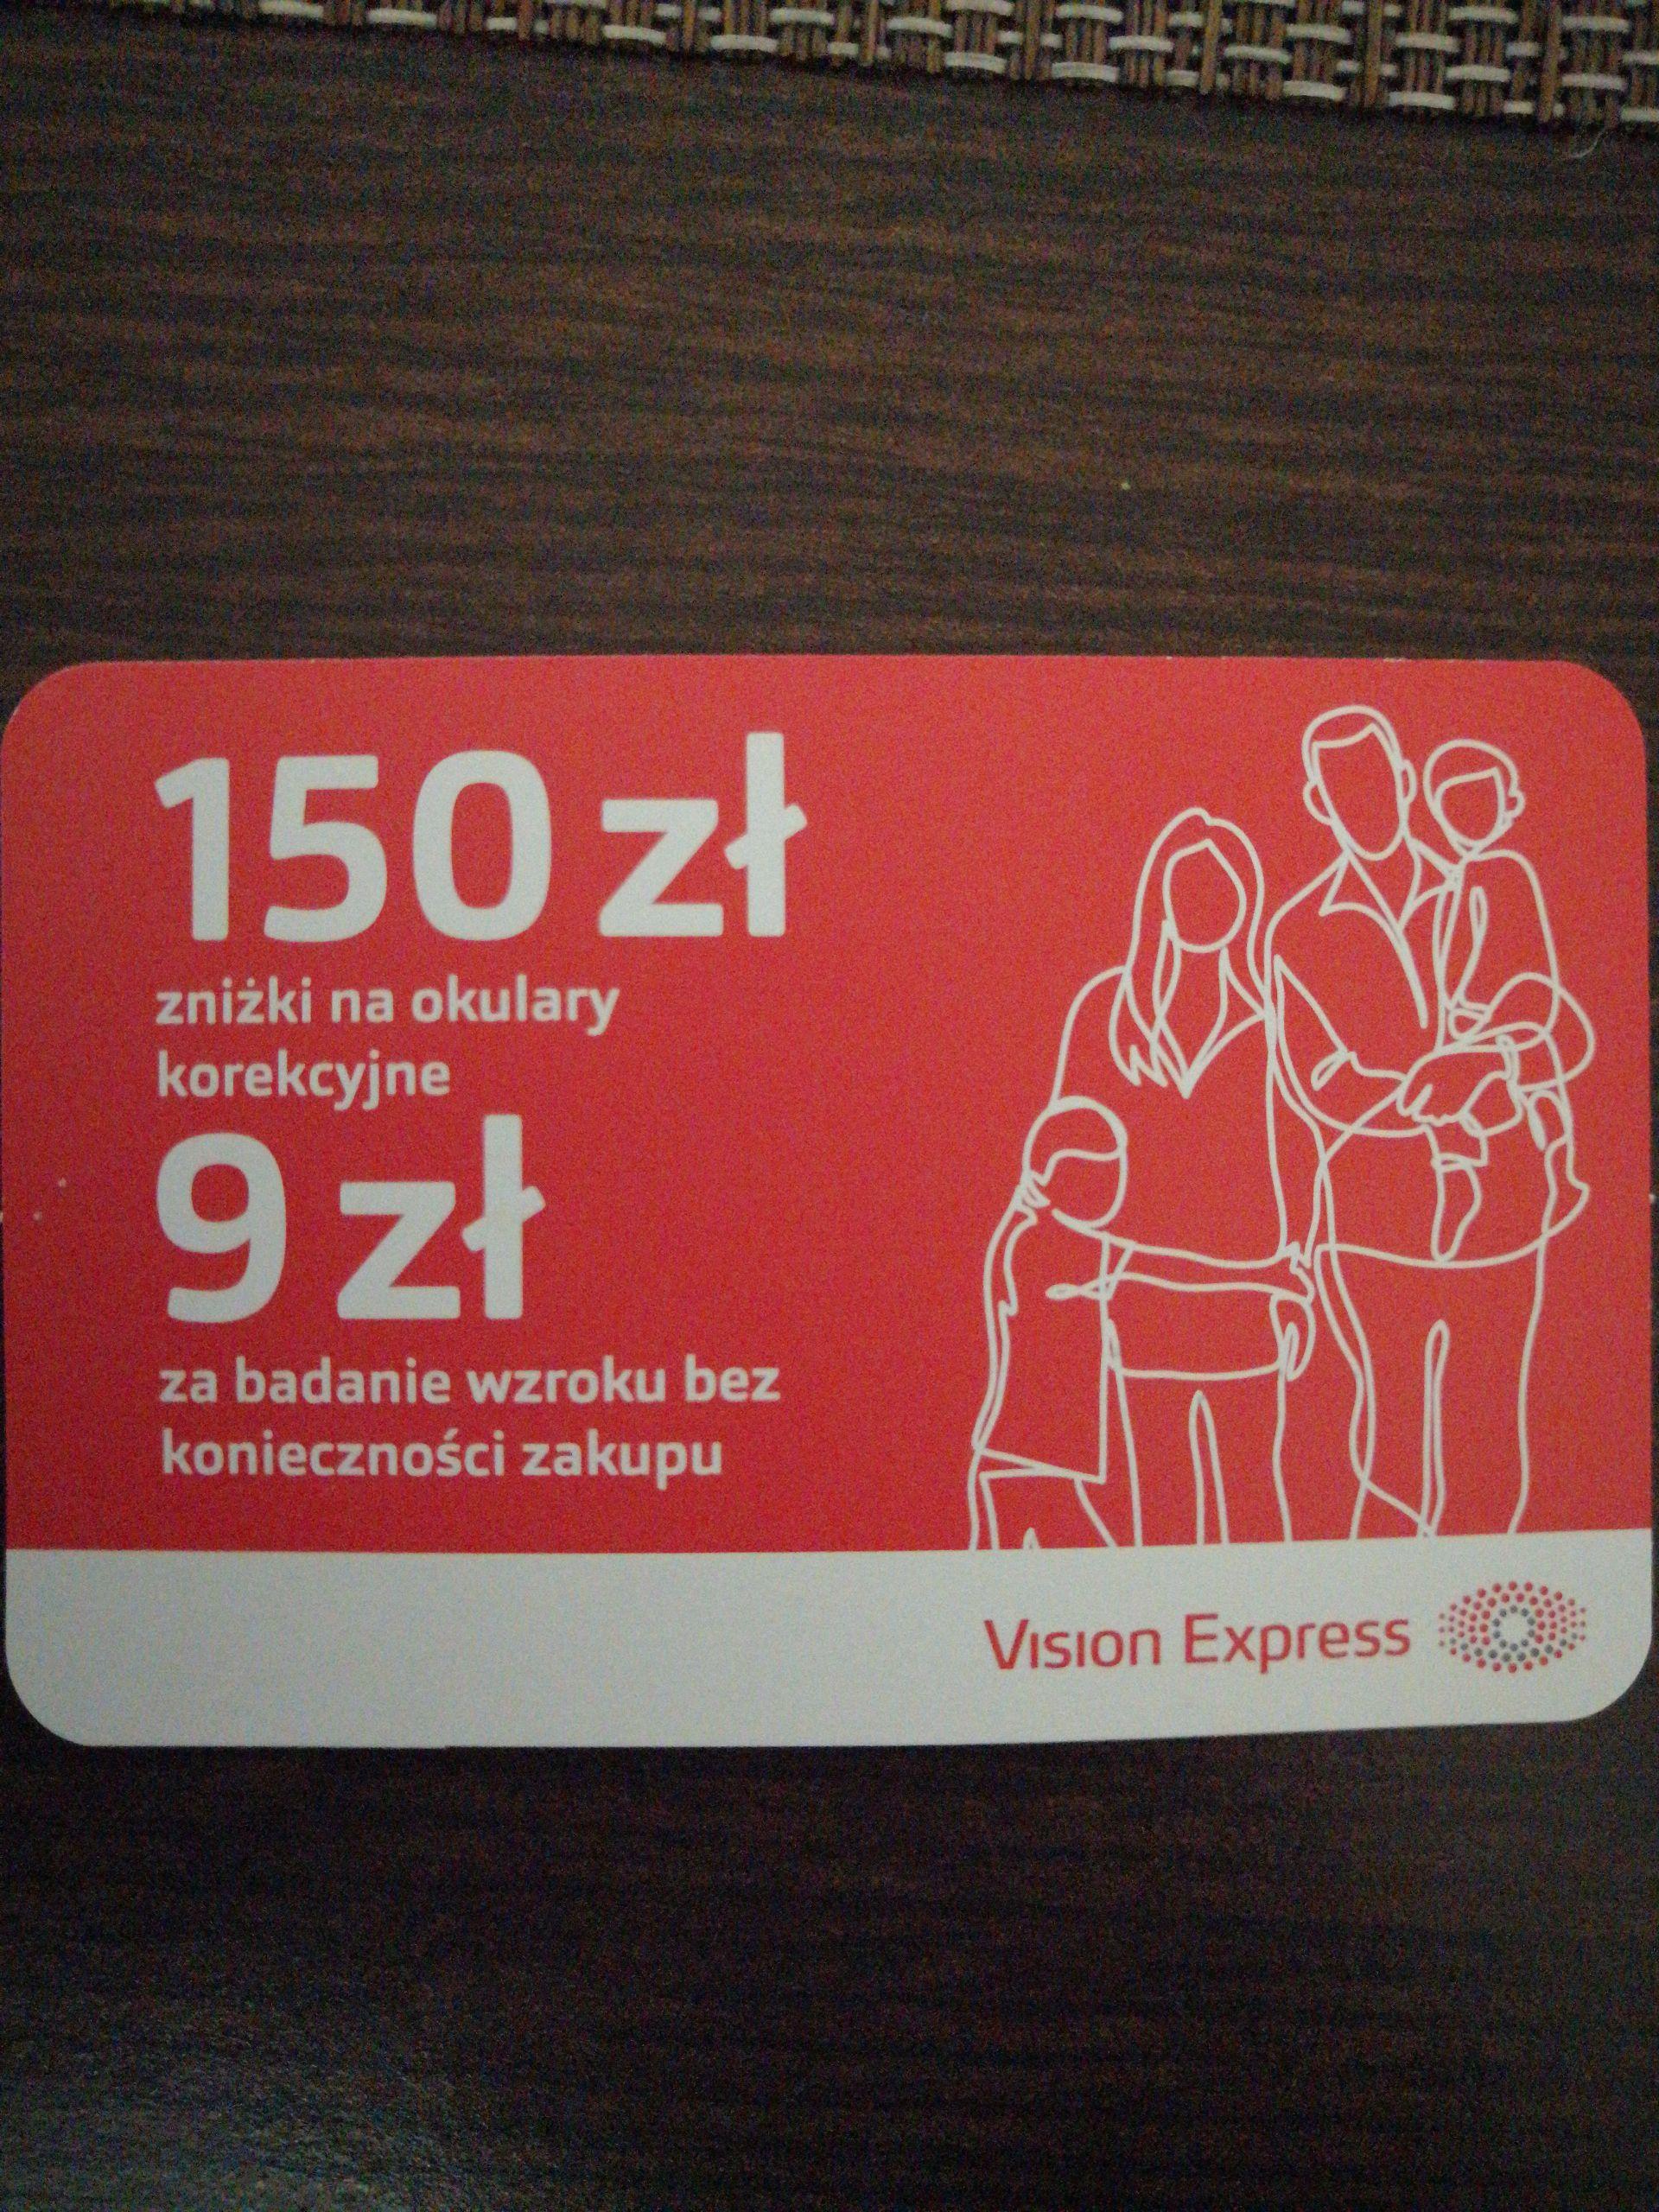 294645-5uY9S.jpg